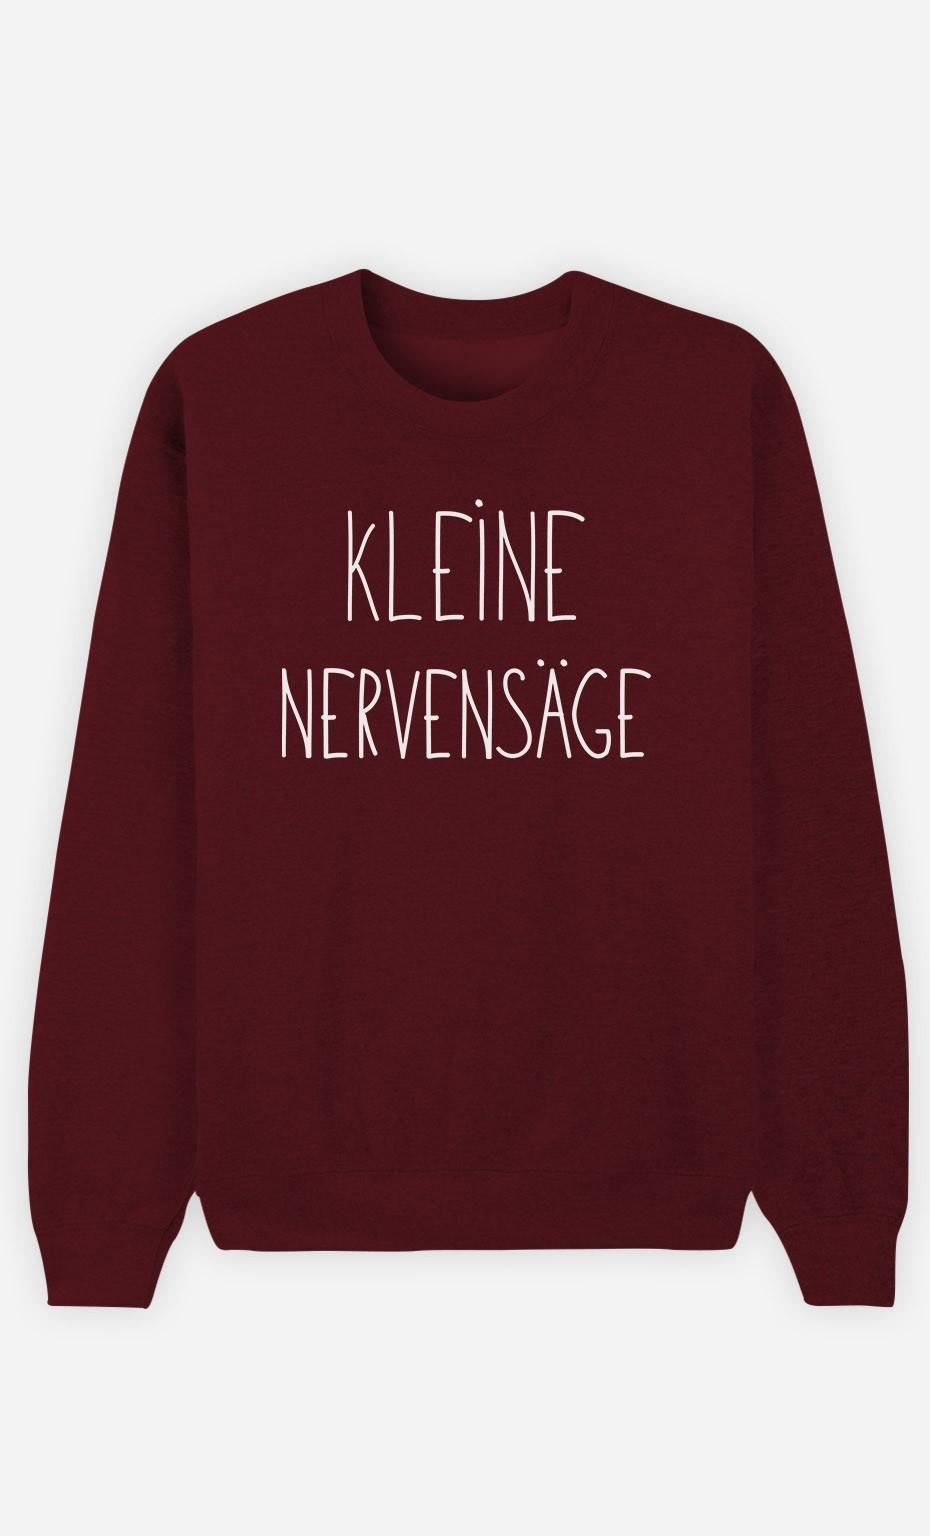 Burgunderrot Sweatshirt Kleine Nervensäge